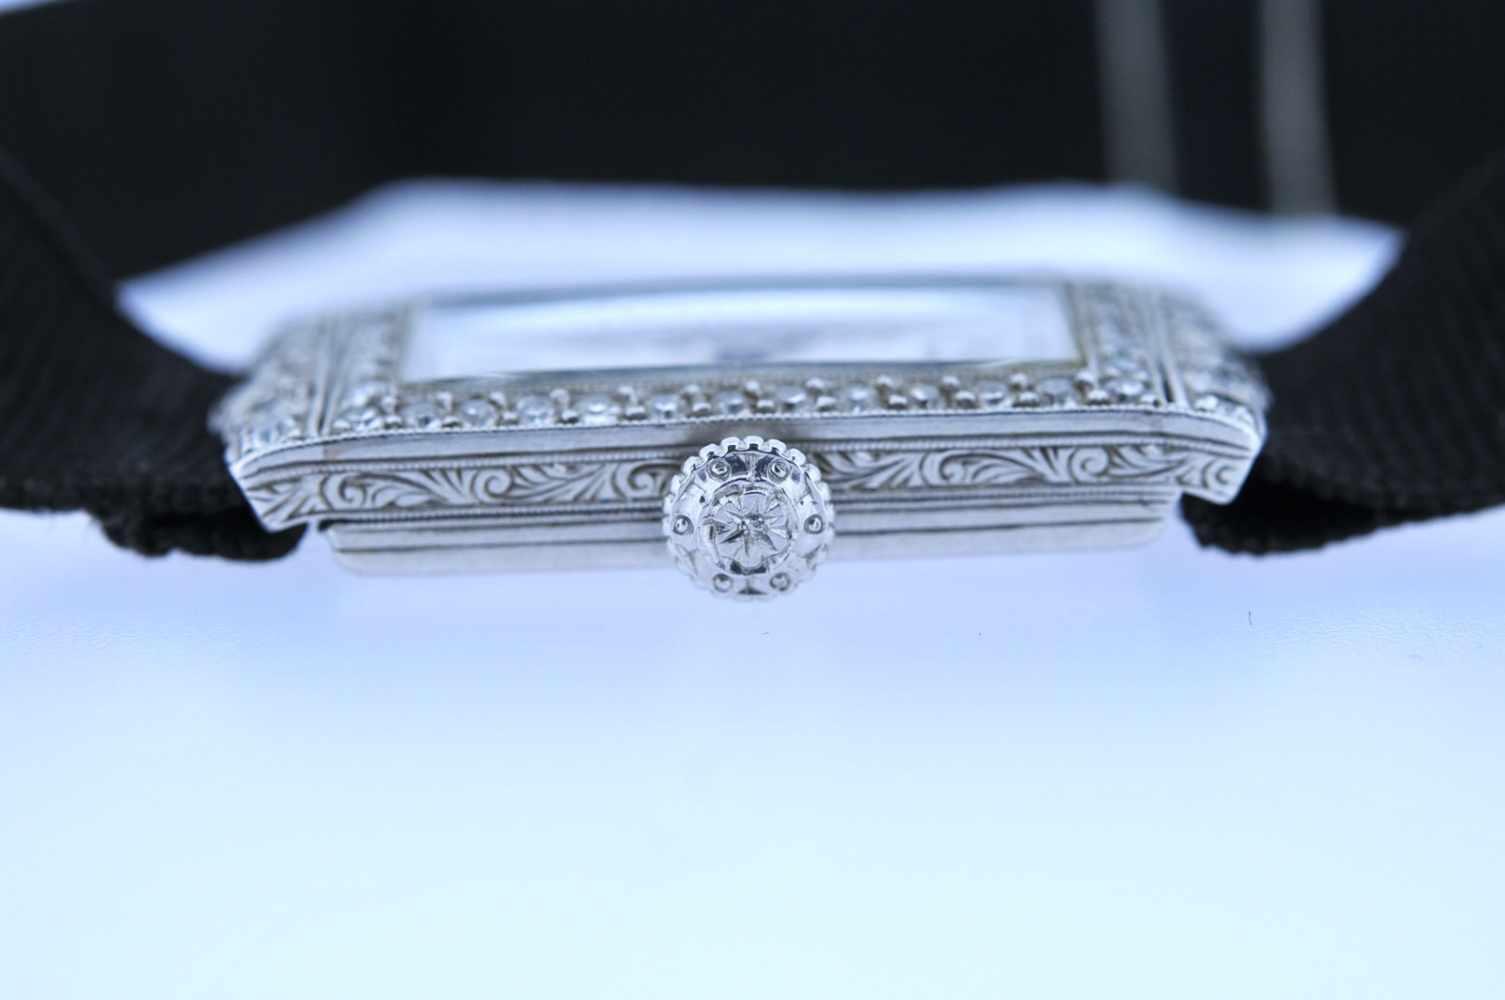 Damenuhr Art-Deco Platin Damenuhr mit Achtkantdiamanten, zus.ca. 0,60 ct, Handaufzug, Ankerwerk, - Bild 3 aus 4